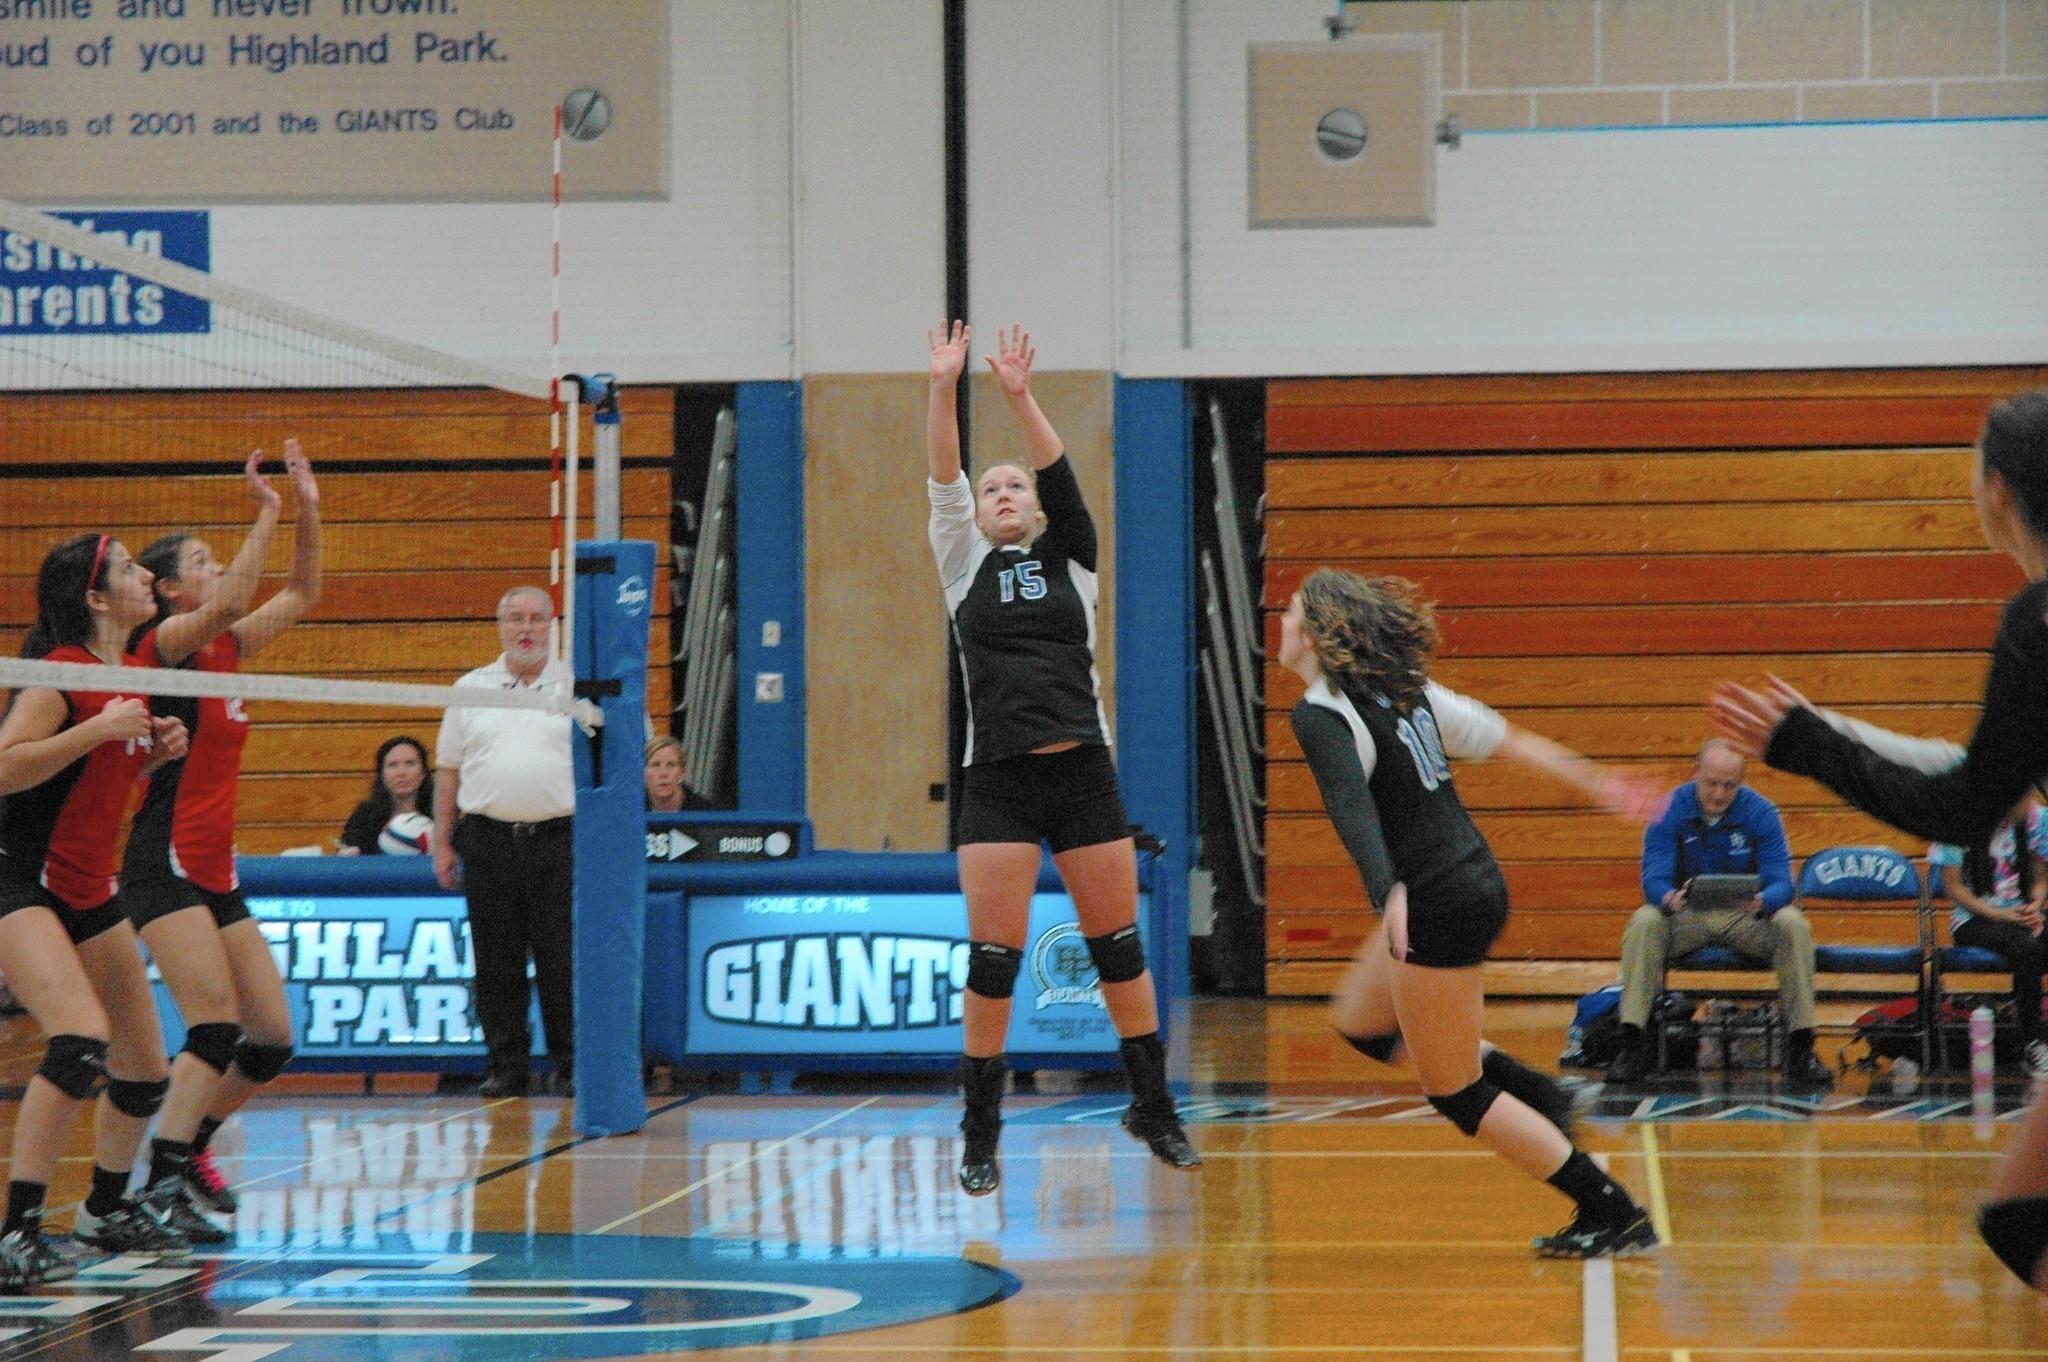 Highland Park Volleyball Highland Park Volleyball Needs